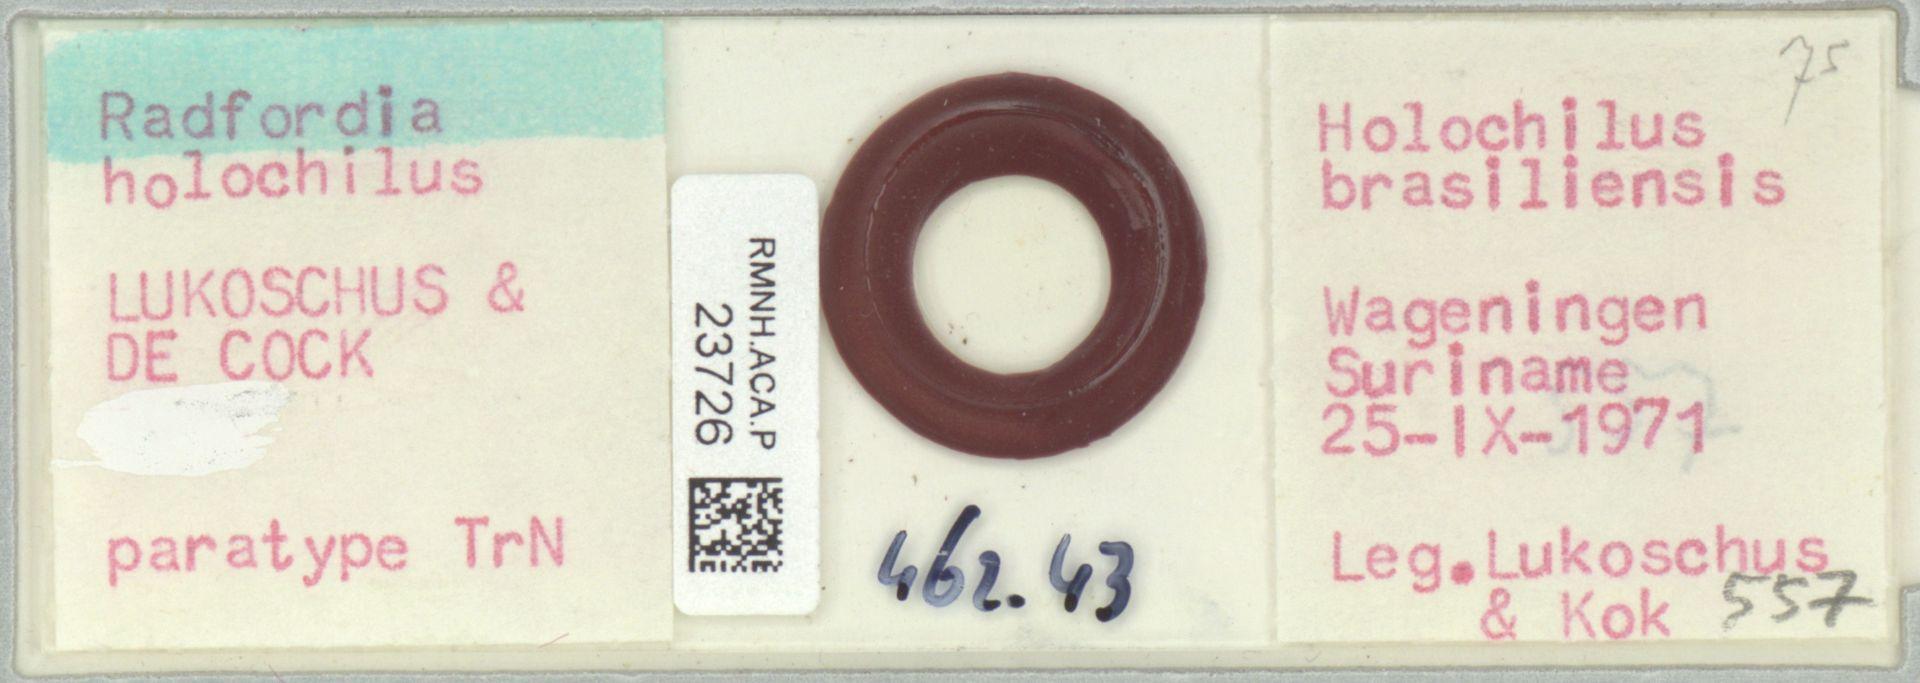 RMNH.ACA.P.23726 | Radfordia holochilus Lukoschus & De Cock